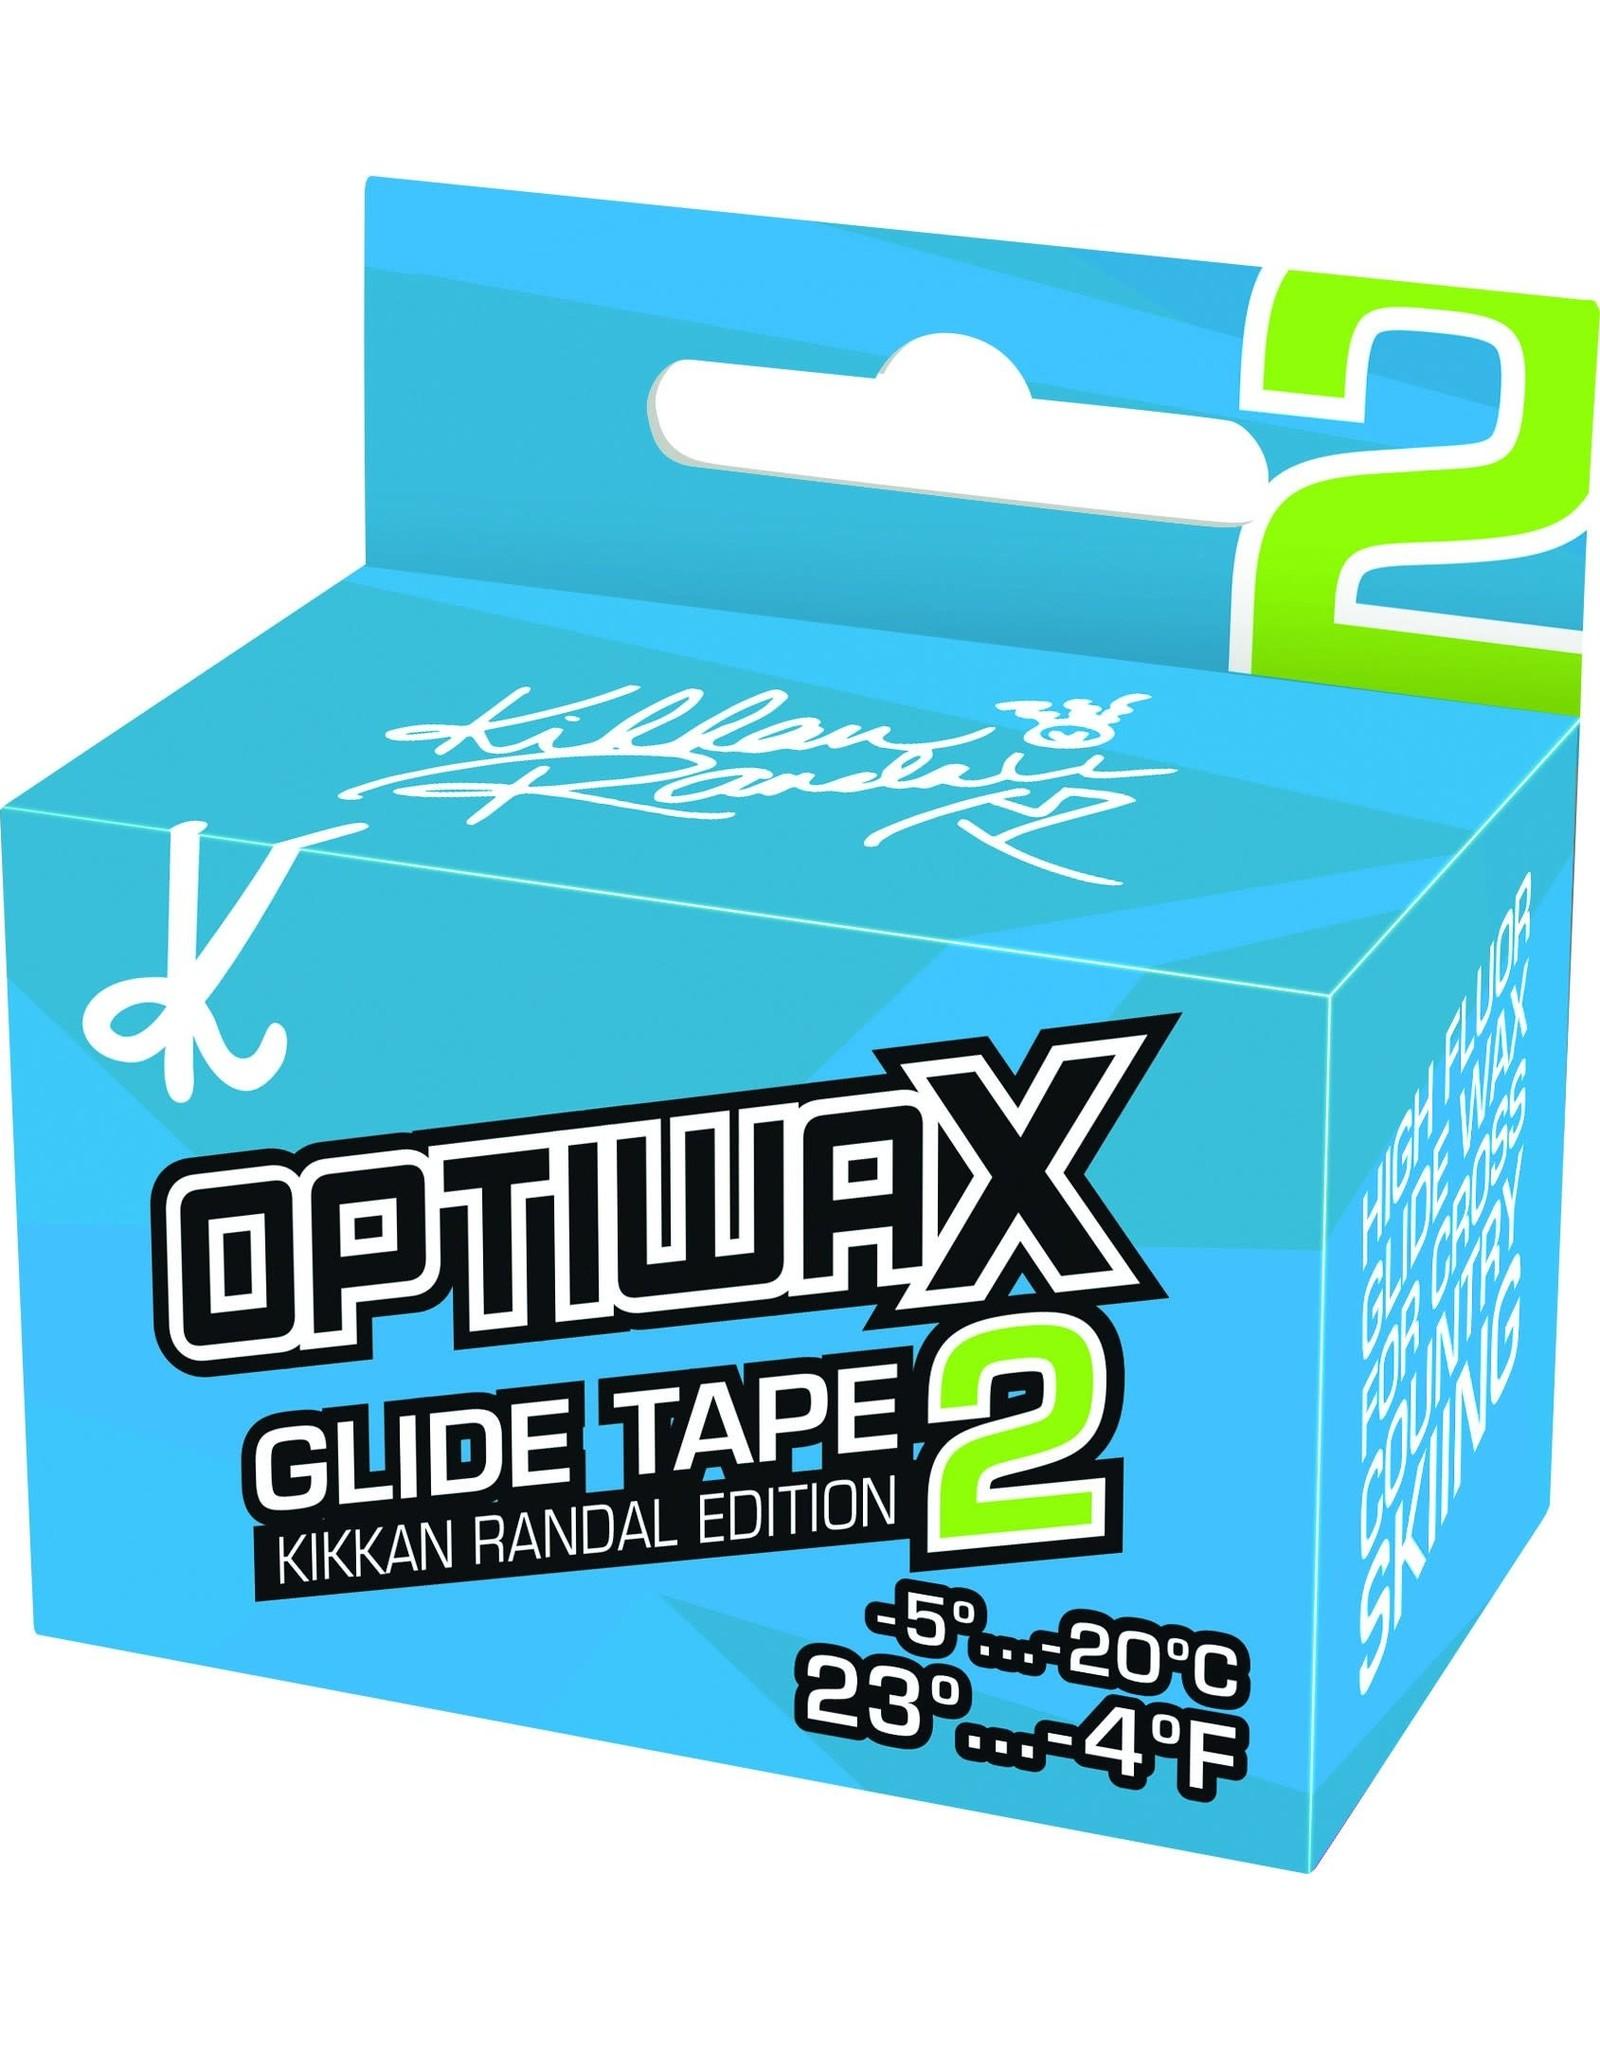 Optiwax Optiwax Glide Tape 2 Kikkan